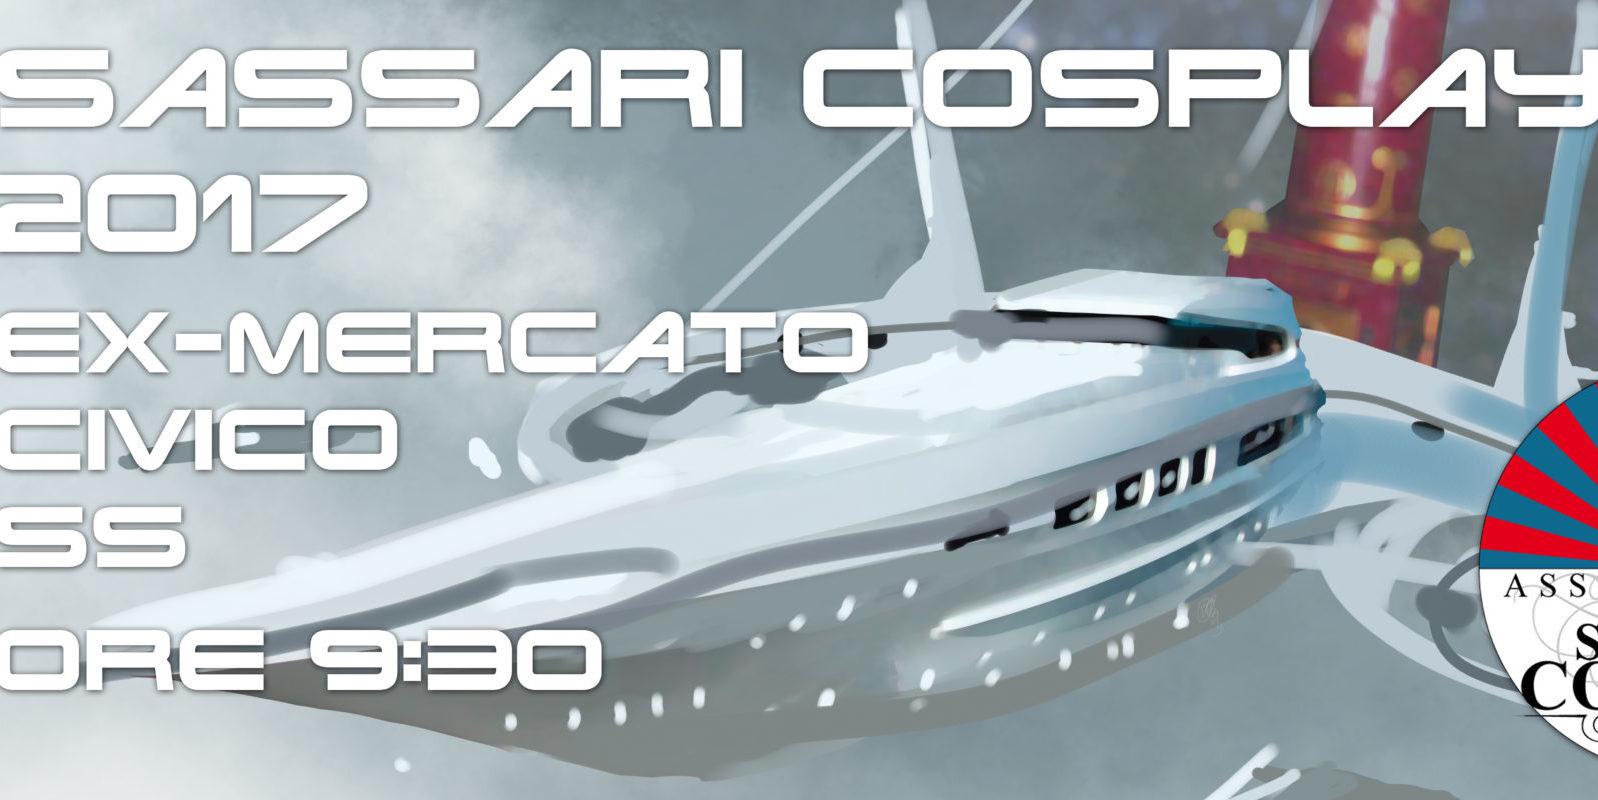 6064-x-2466-300ppi